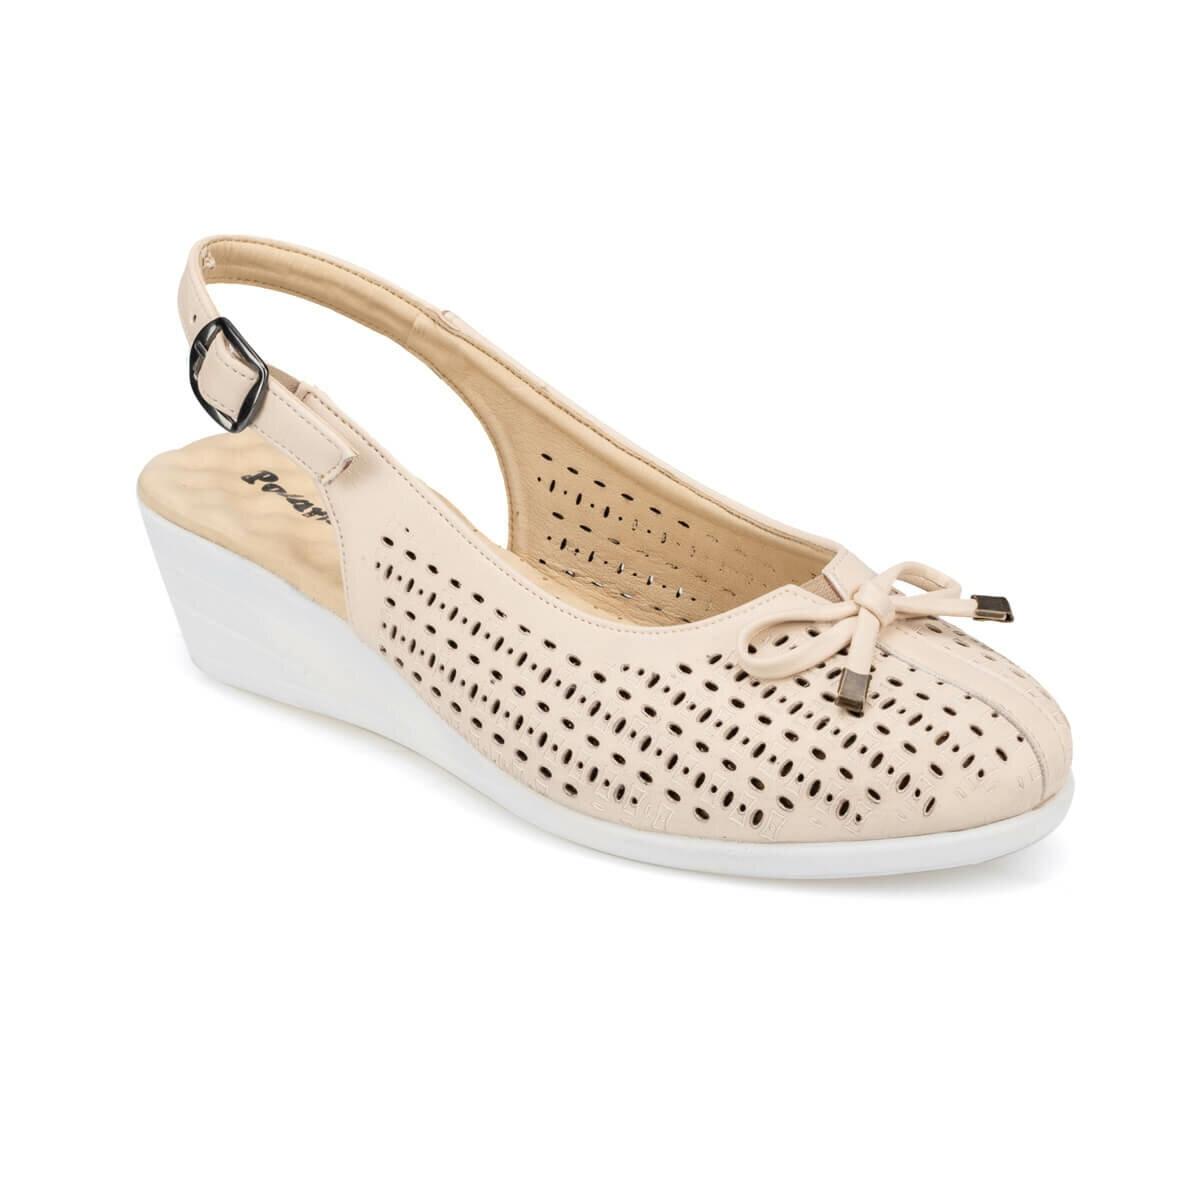 FLO 91.150797.Z Beige Women 'S Shoes Polaris